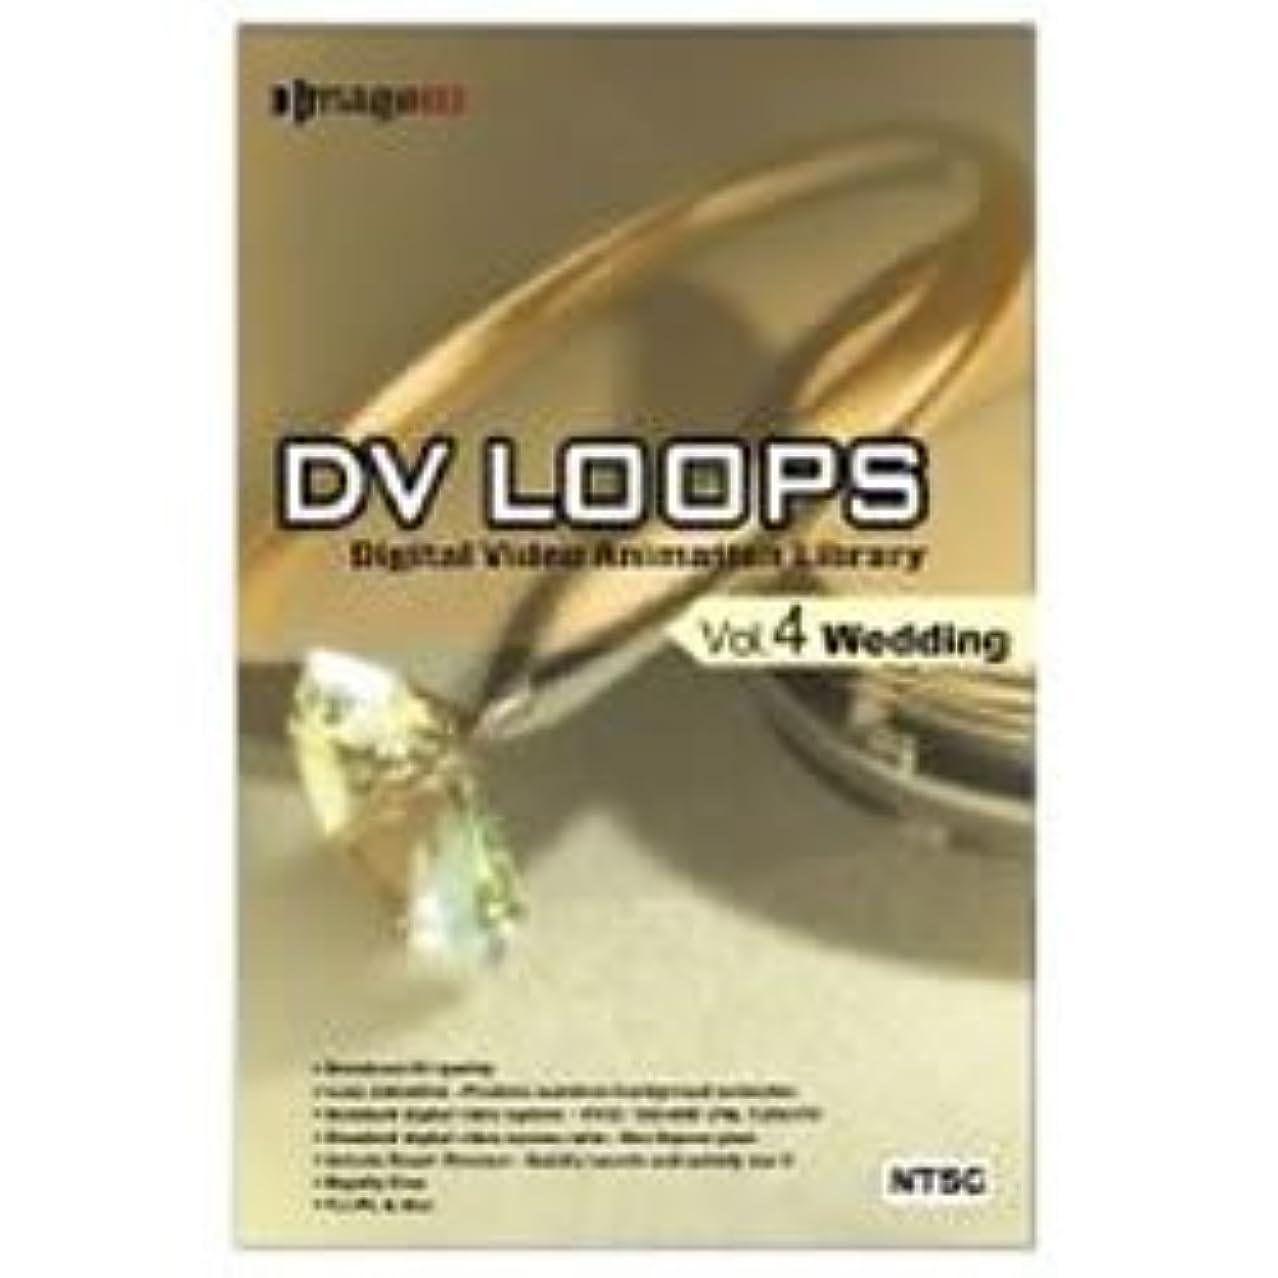 顔料見せますプログレッシブDV LOOPS Vol.4 ウエディング